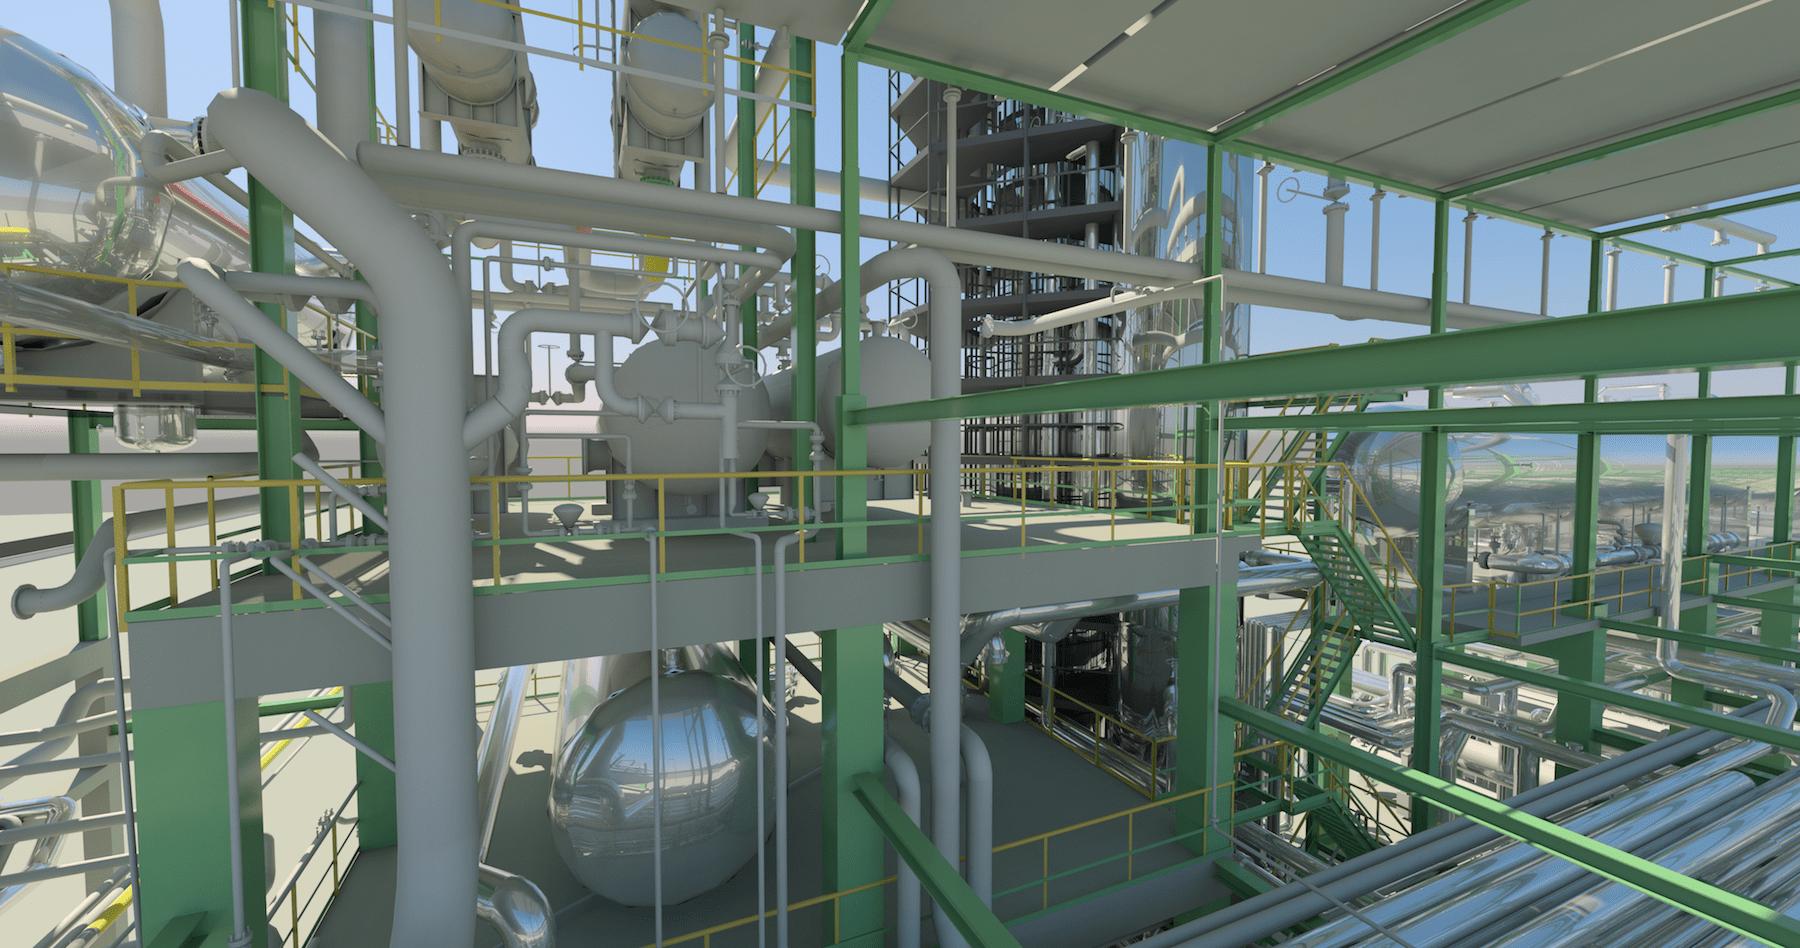 Modelli 3D realizzati da scansione laser_5